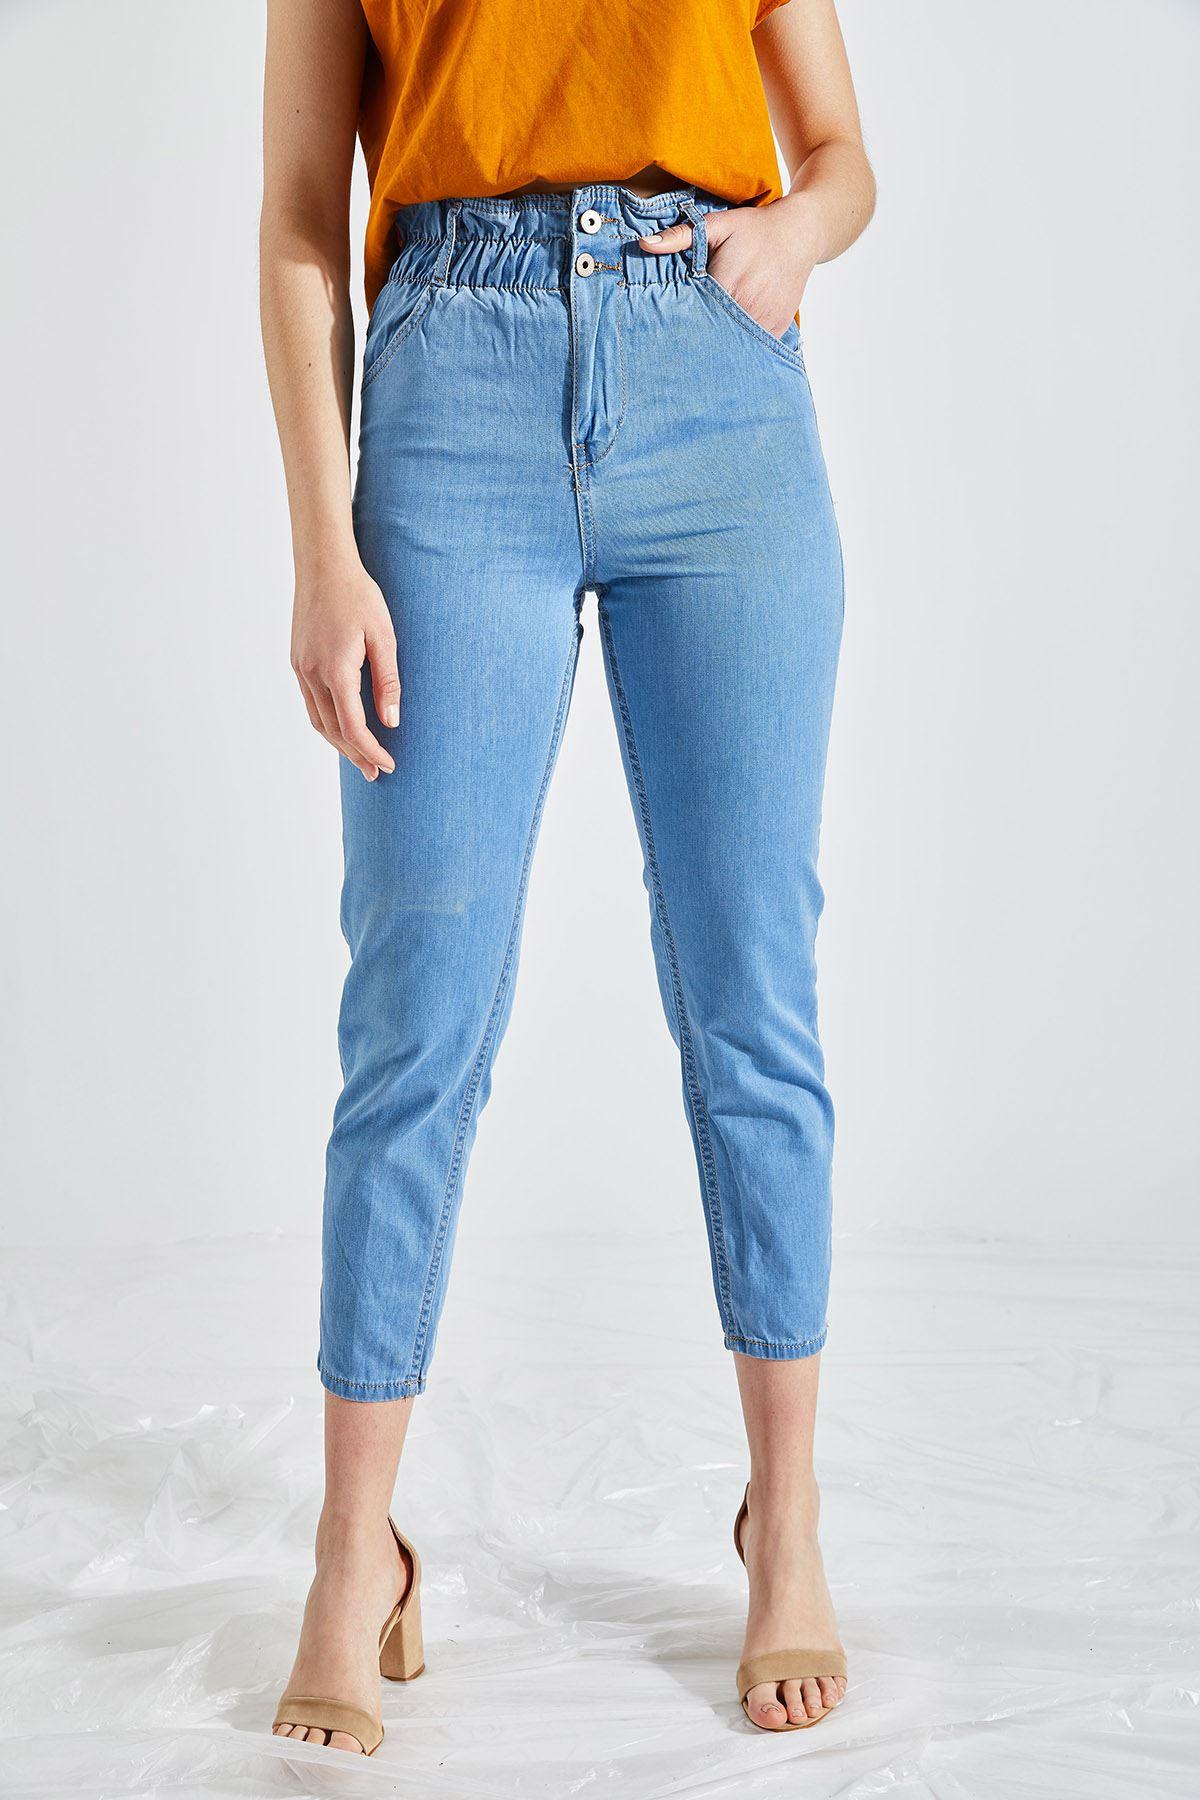 Kadın Likralı Bel Lastikli Açık Mavi Kot Pantolon